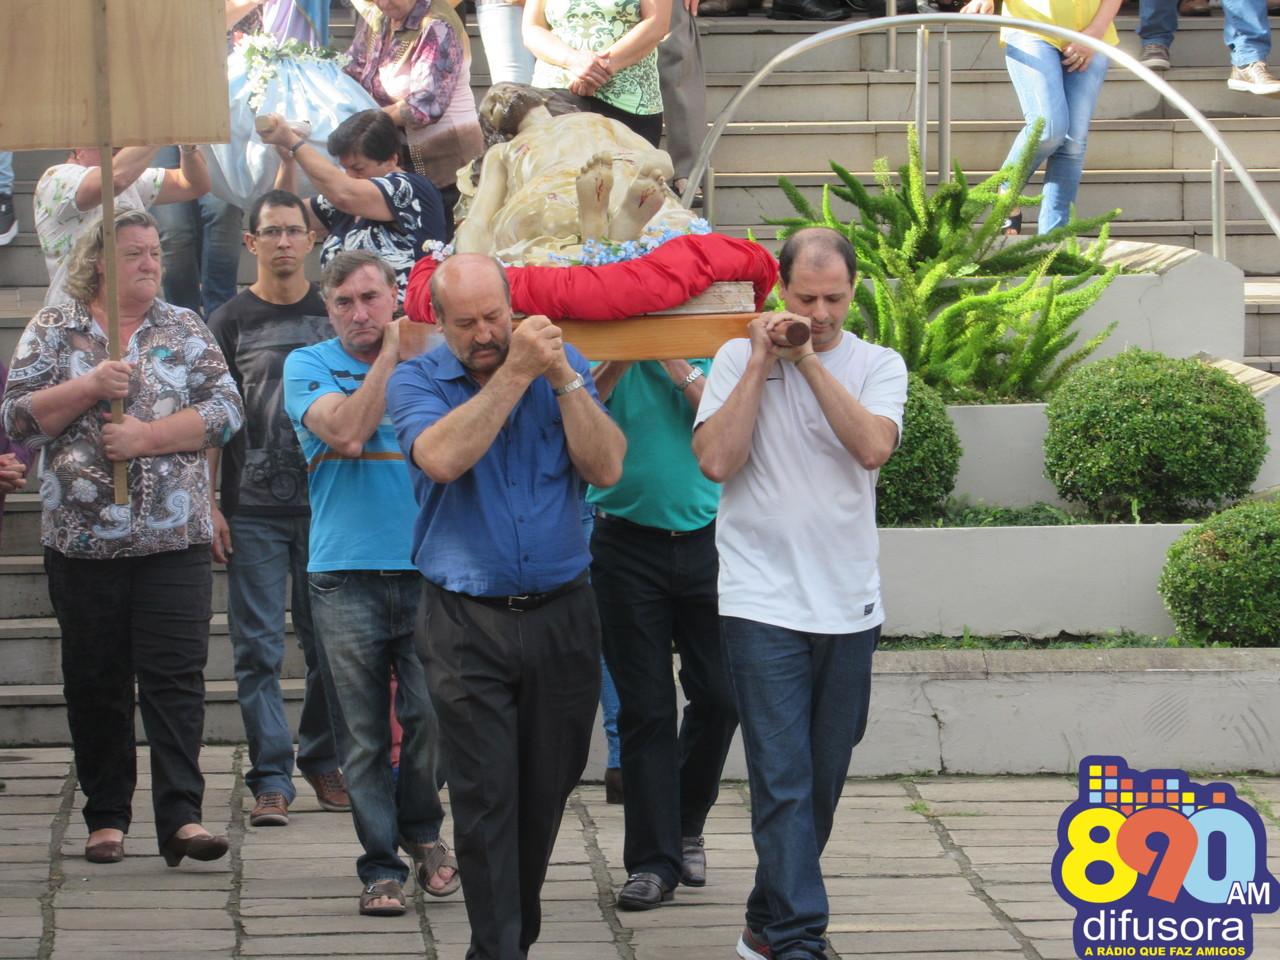 Fiéis da comunidade São Roque participam de Procissão na Sexta Santa em Bento